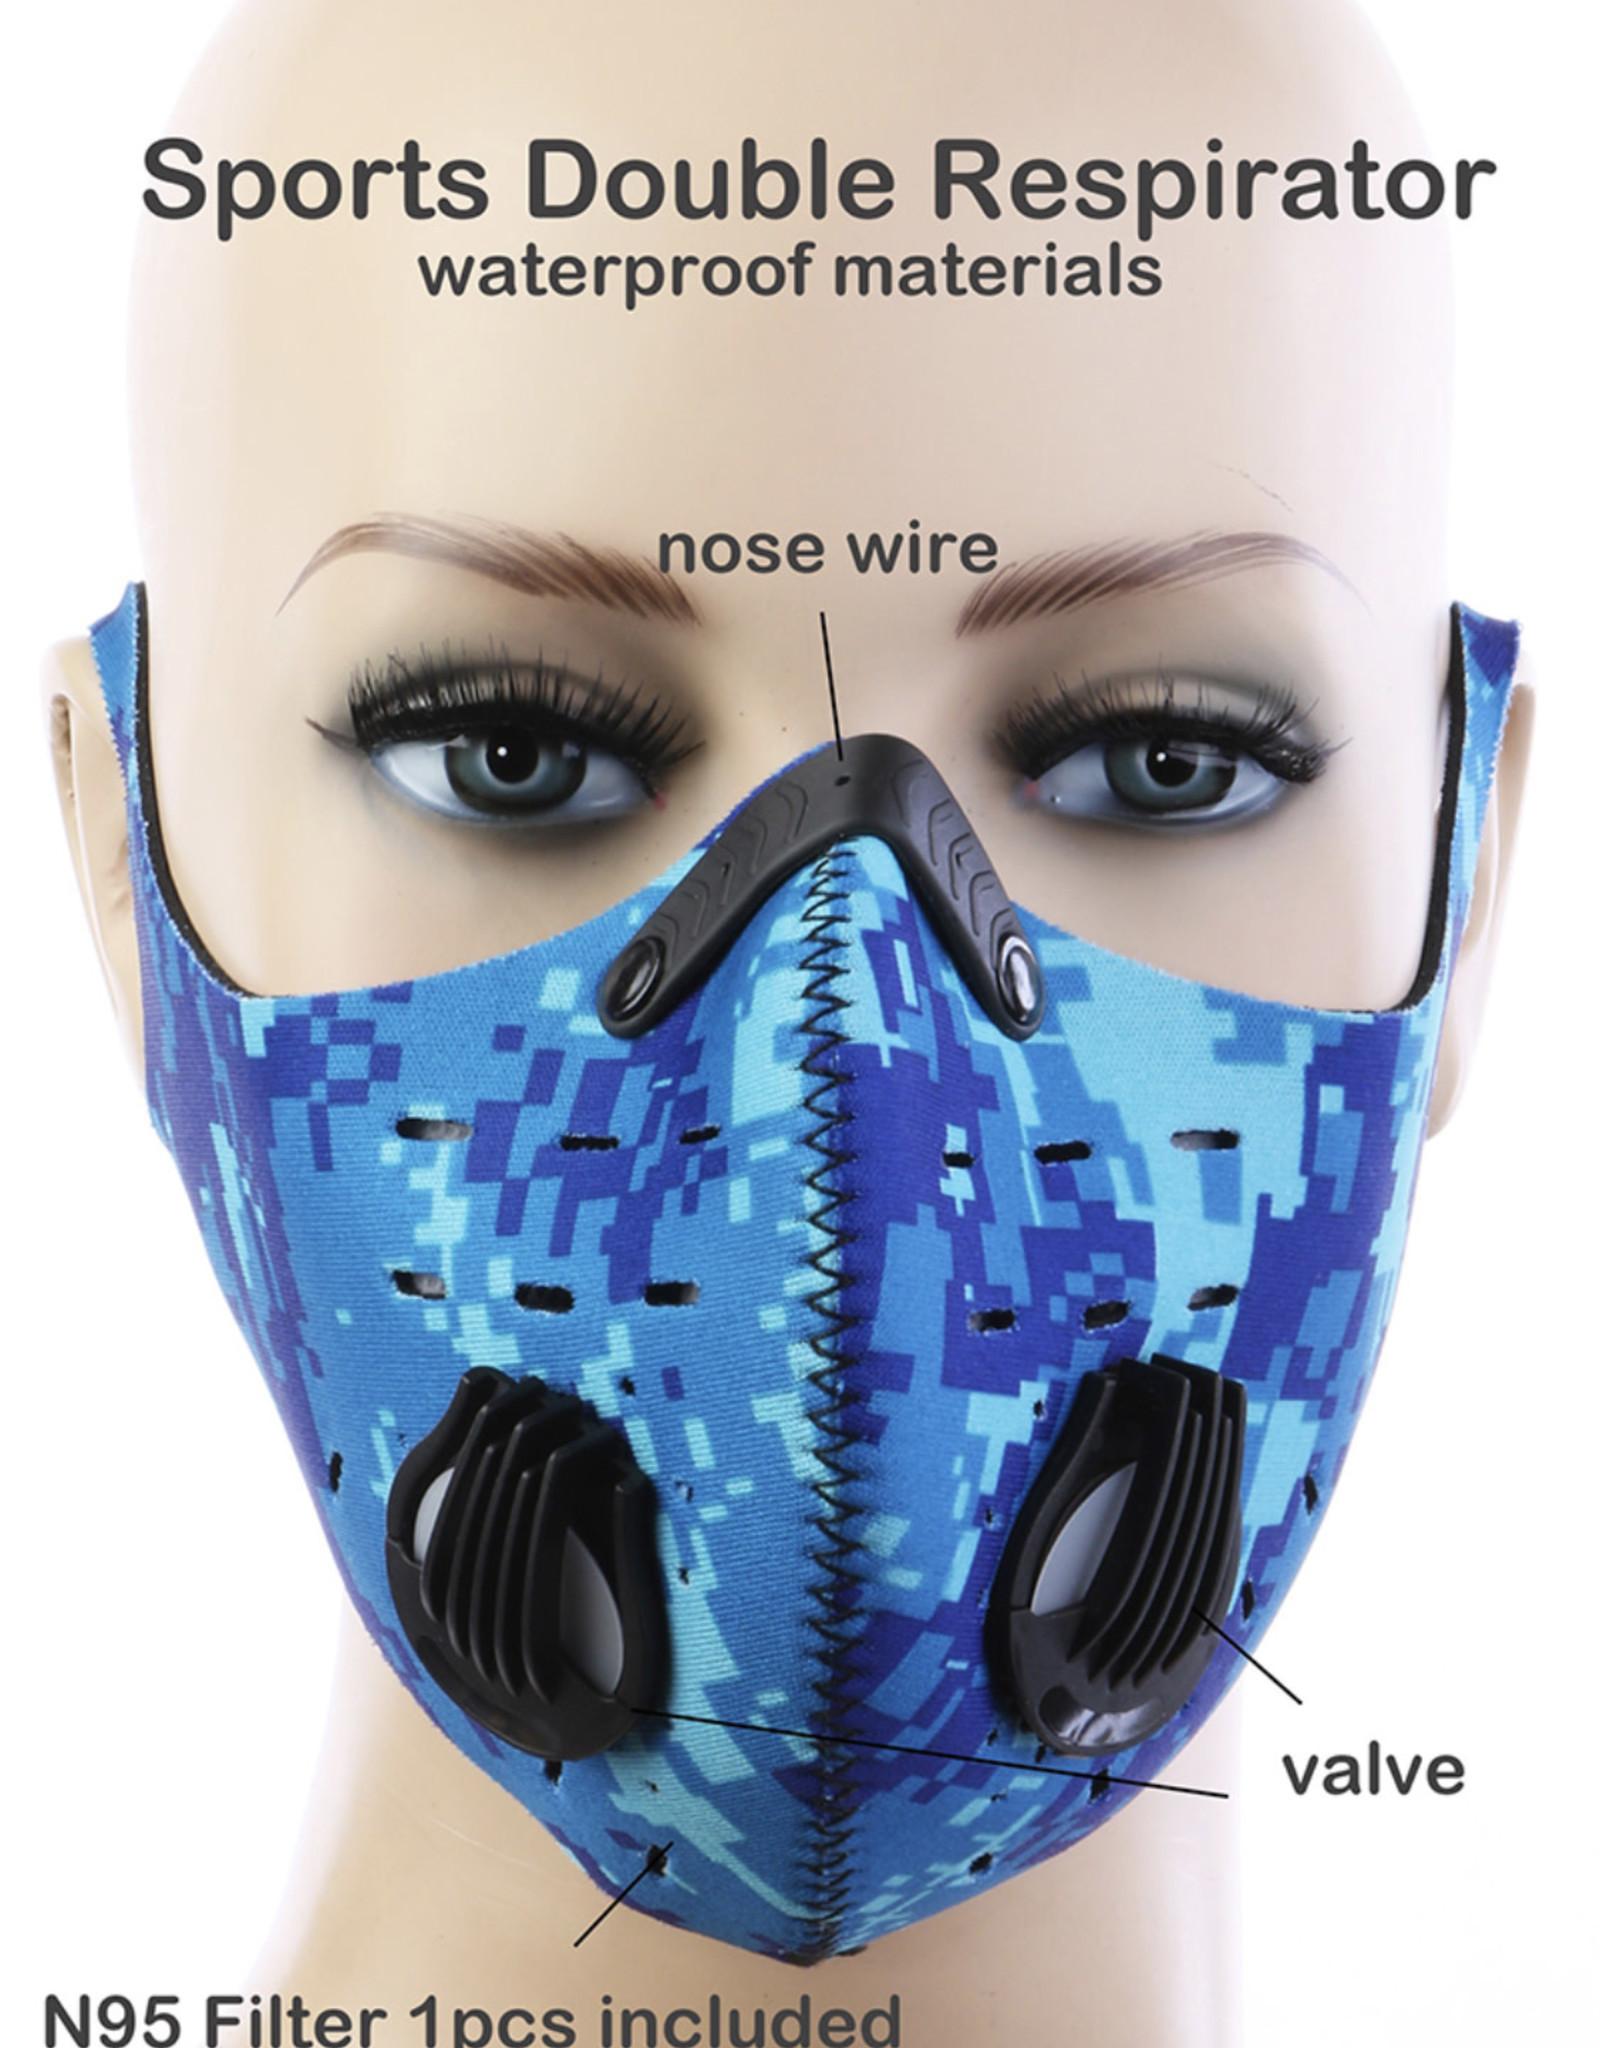 FACE MASK OUTDOOR SPORTS 2 RESPIRATOR VALVE W KN95 FILTER BLUE DIGITAL WATERPROOF MATERIALS